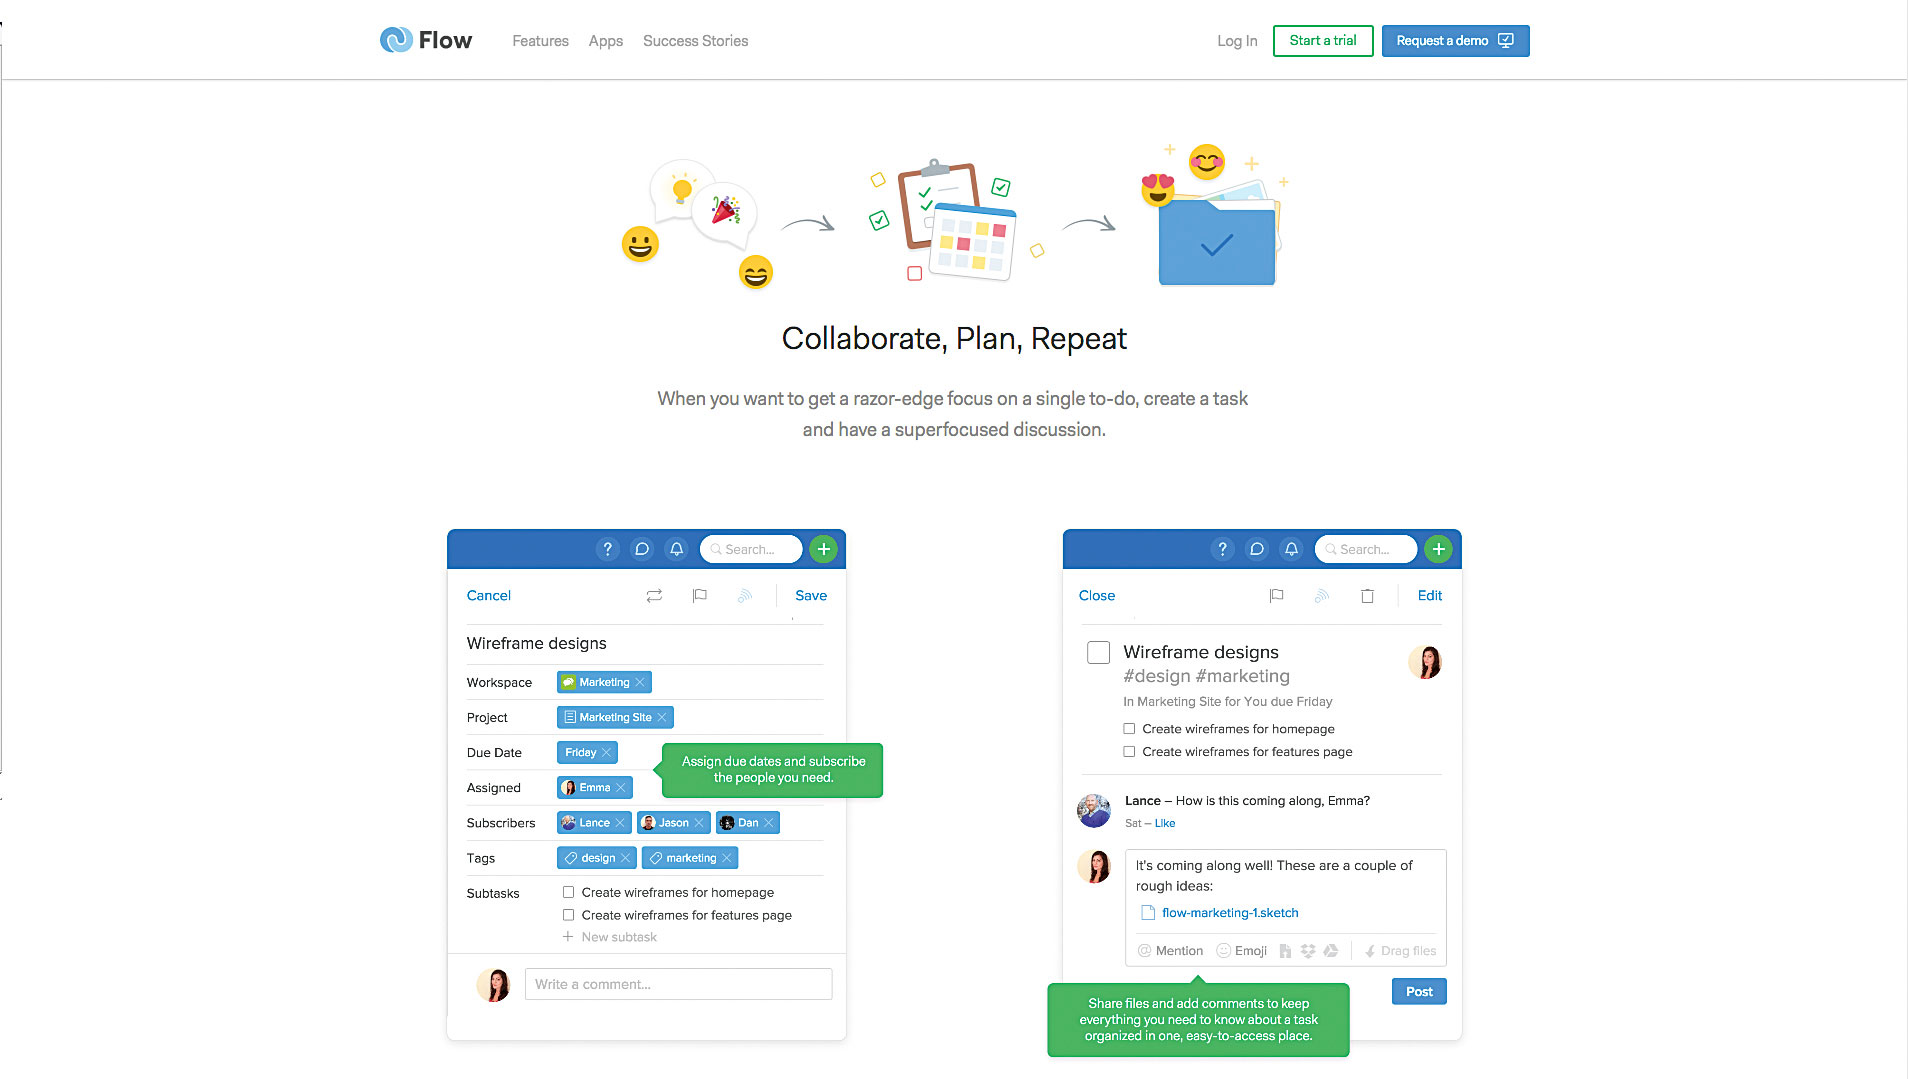 با این ابزار شما قادرید که قبل از این که برای تیم پروژه رو ارسال کنید تقسیم کار رو انجام بدید.